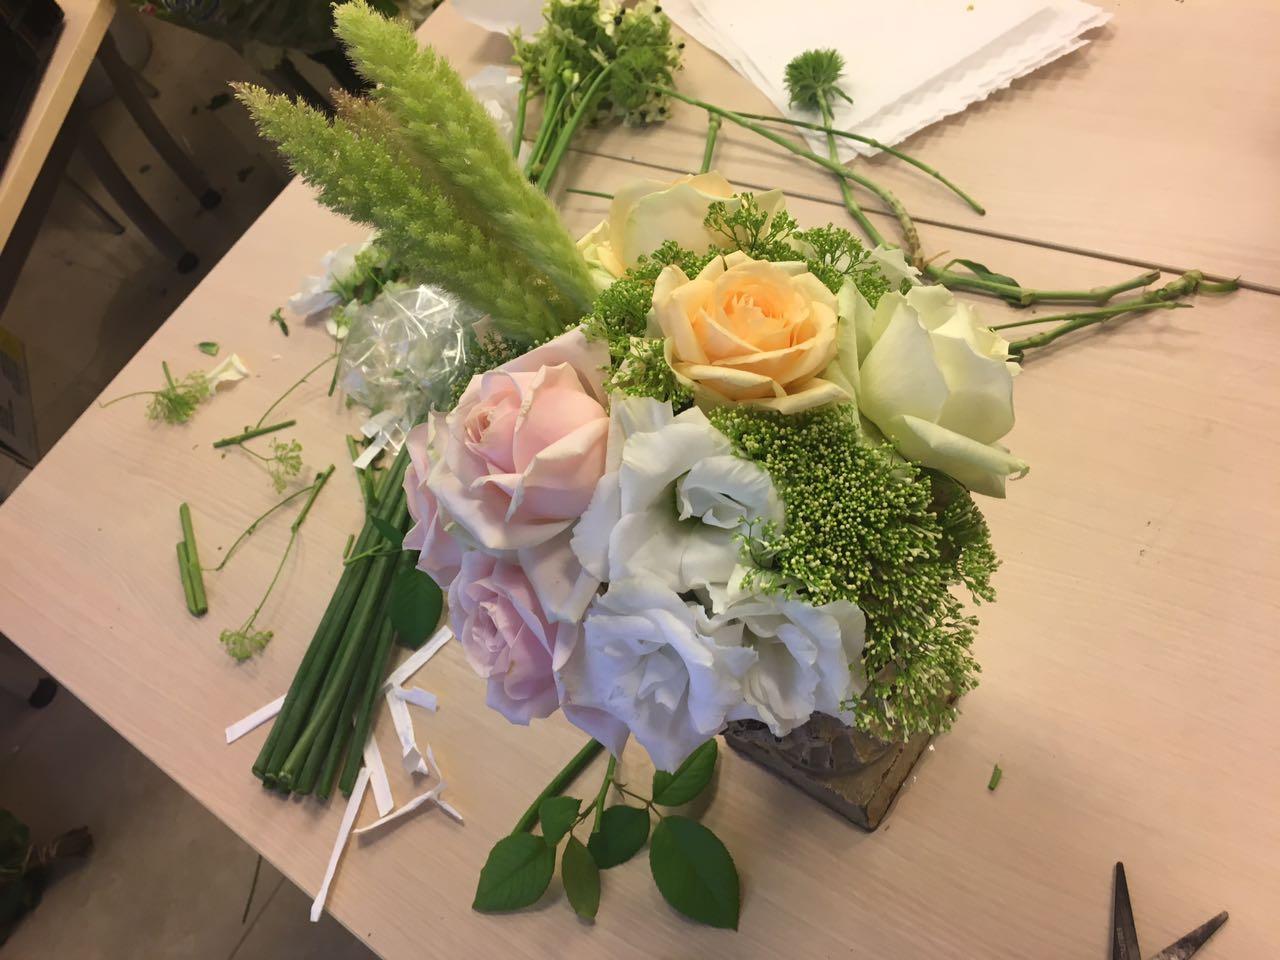 גלרייה - שזירת פרחים - קורס עיצוב ניהול והפקת אירועים מחזור 15, 10 מתוך 22